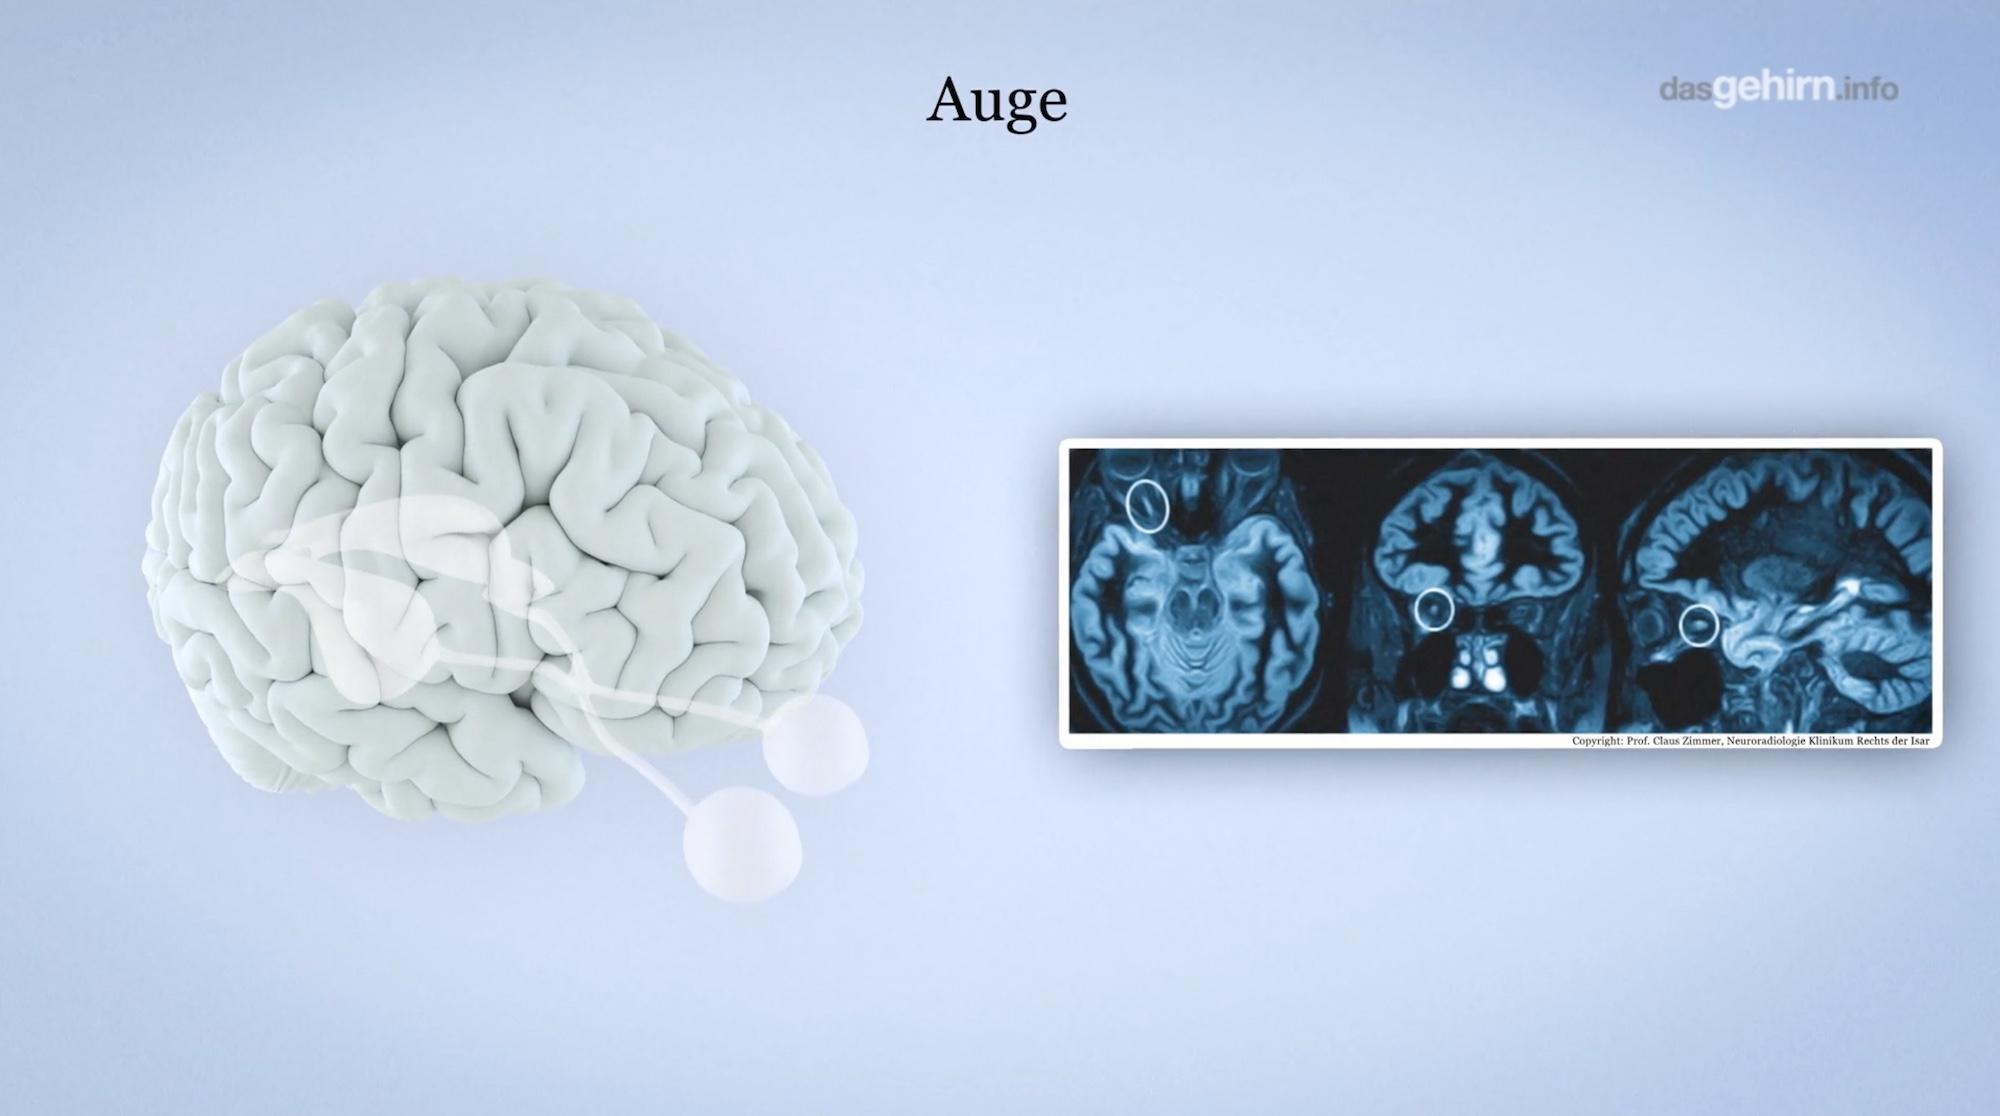 Mediathek: Videos   dasGehirn.info - der Kosmos im Kopf